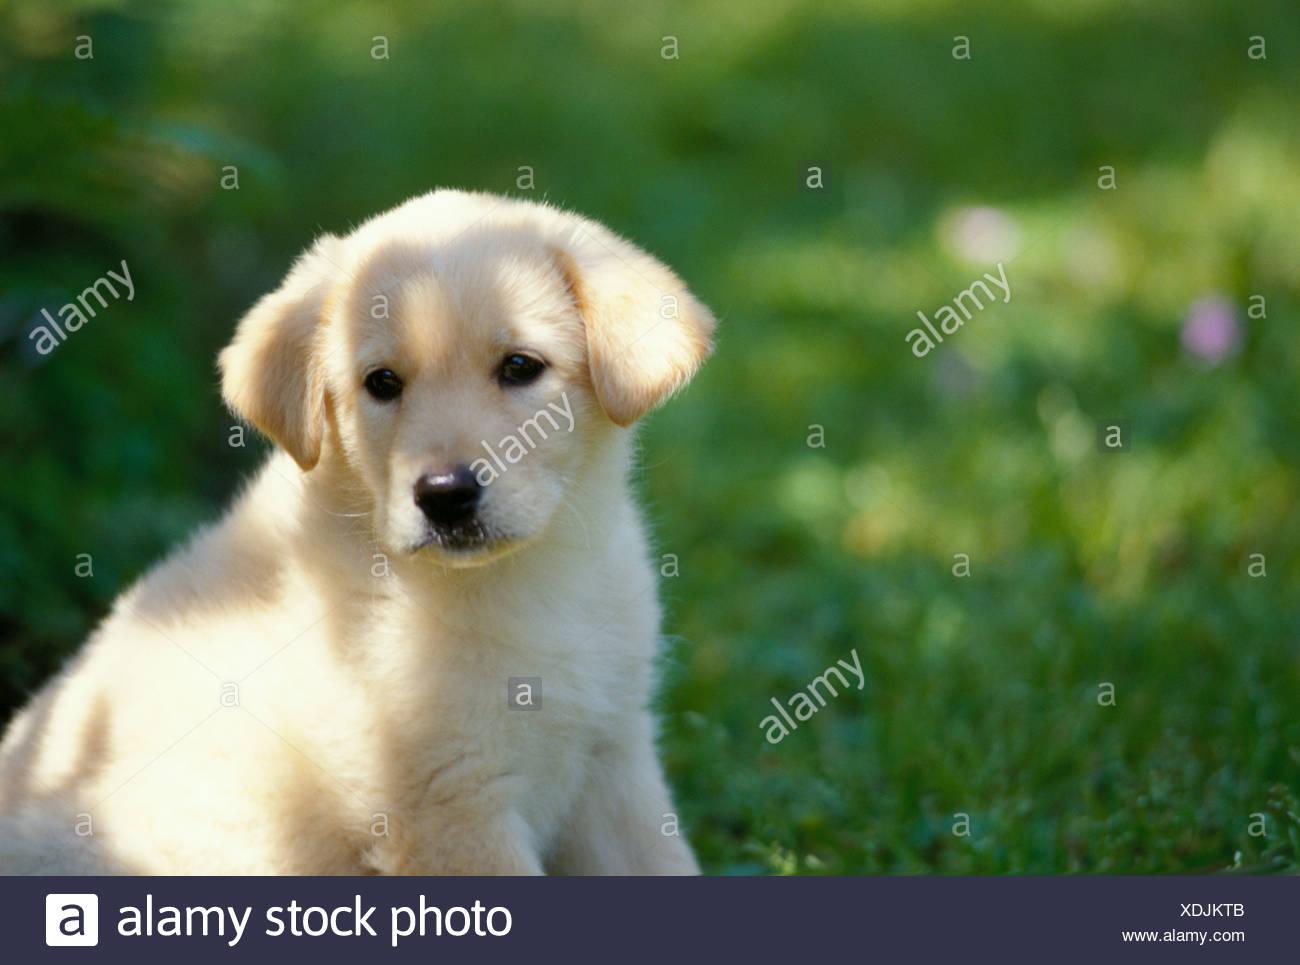 Ein Gelber Labrador Retriever Welpen Mix Sitzen Auf Dem Grunen Rasen Stockfotografie Alamy